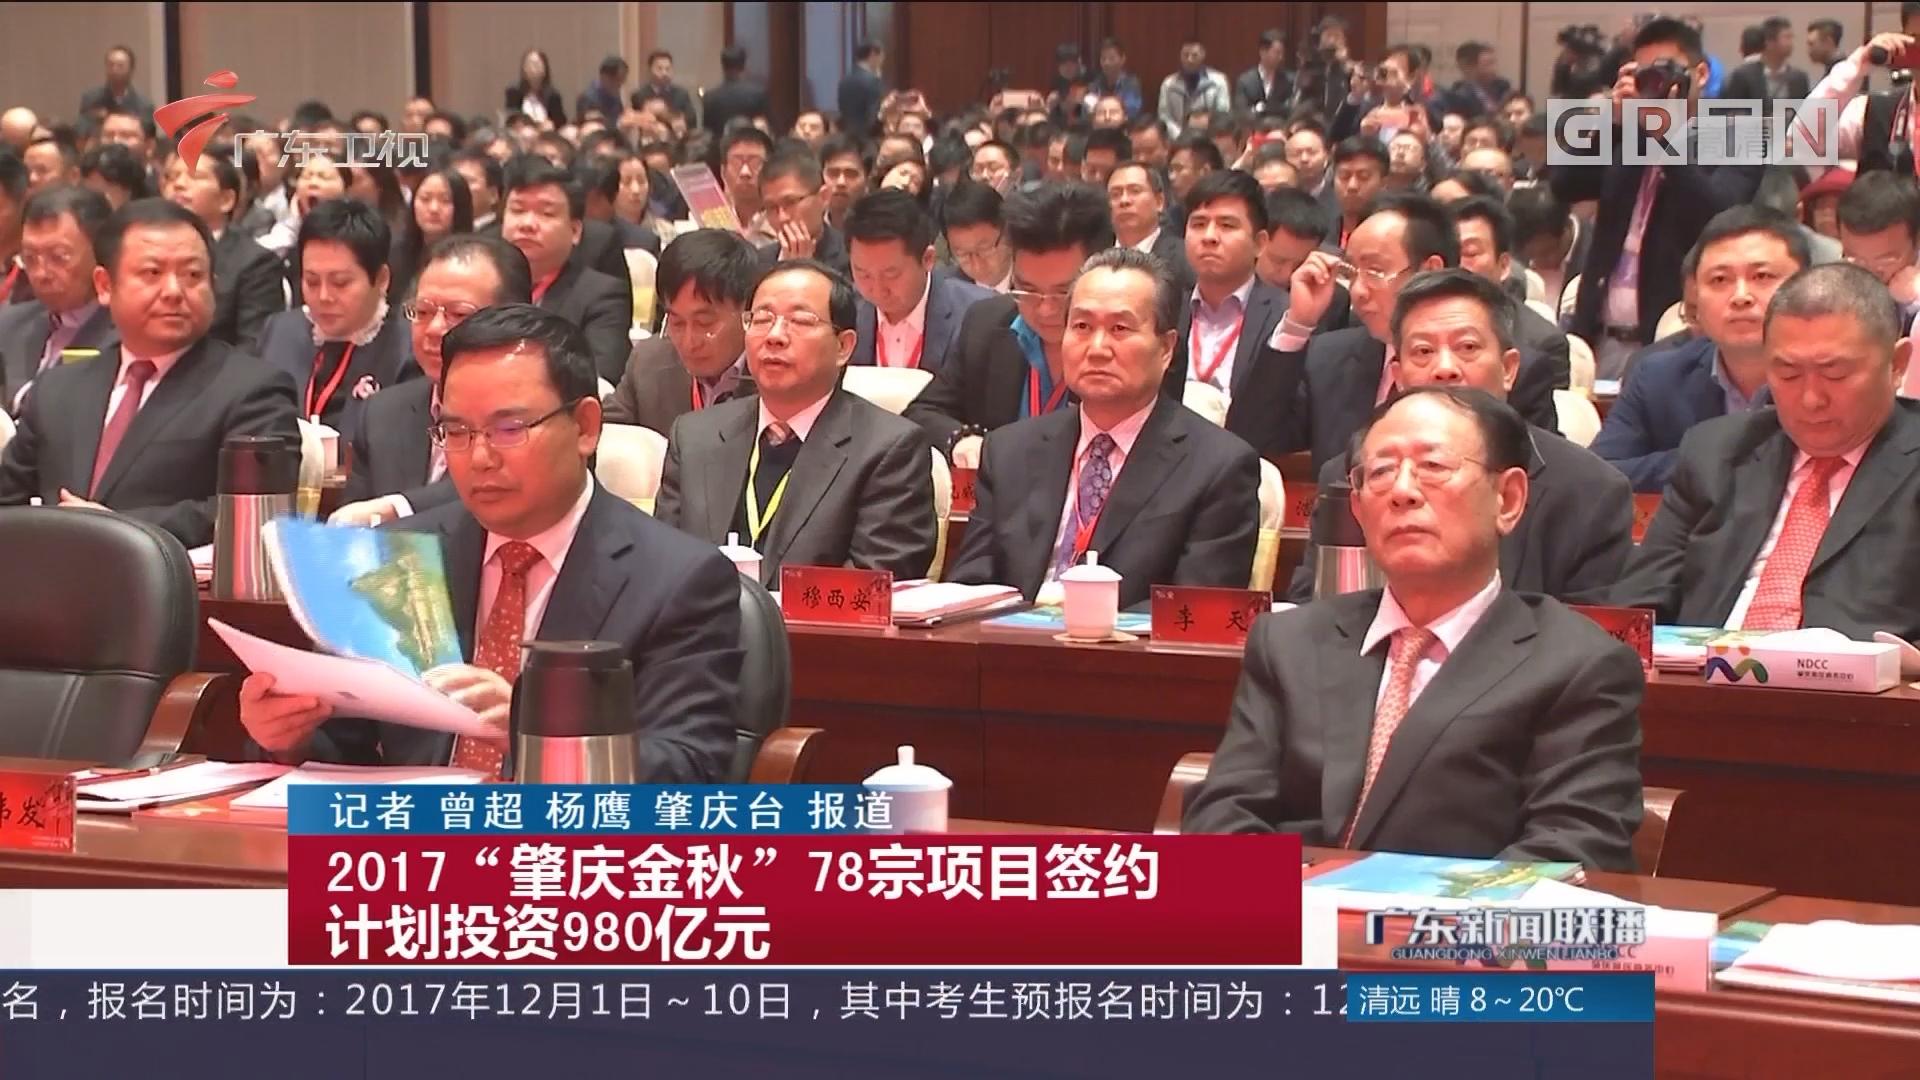 """2017""""肇庆金秋""""78宗项目签约 计划投资980亿元"""